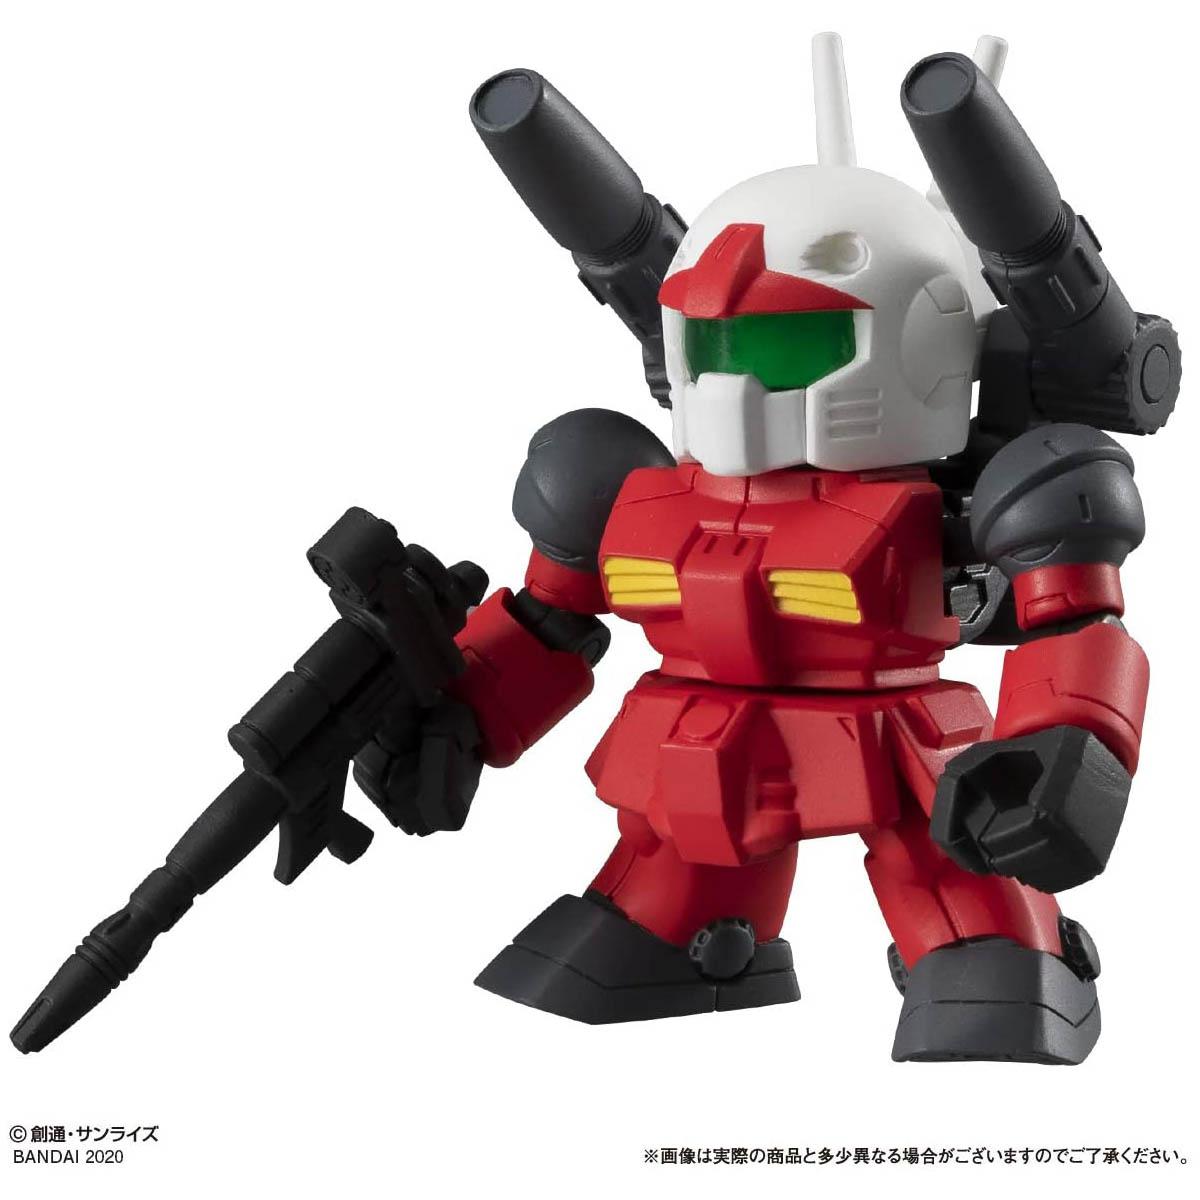 【ガシャポン】機動戦士ガンダム『ガシャポン戦士フォルテ11』12個入りBOX-003